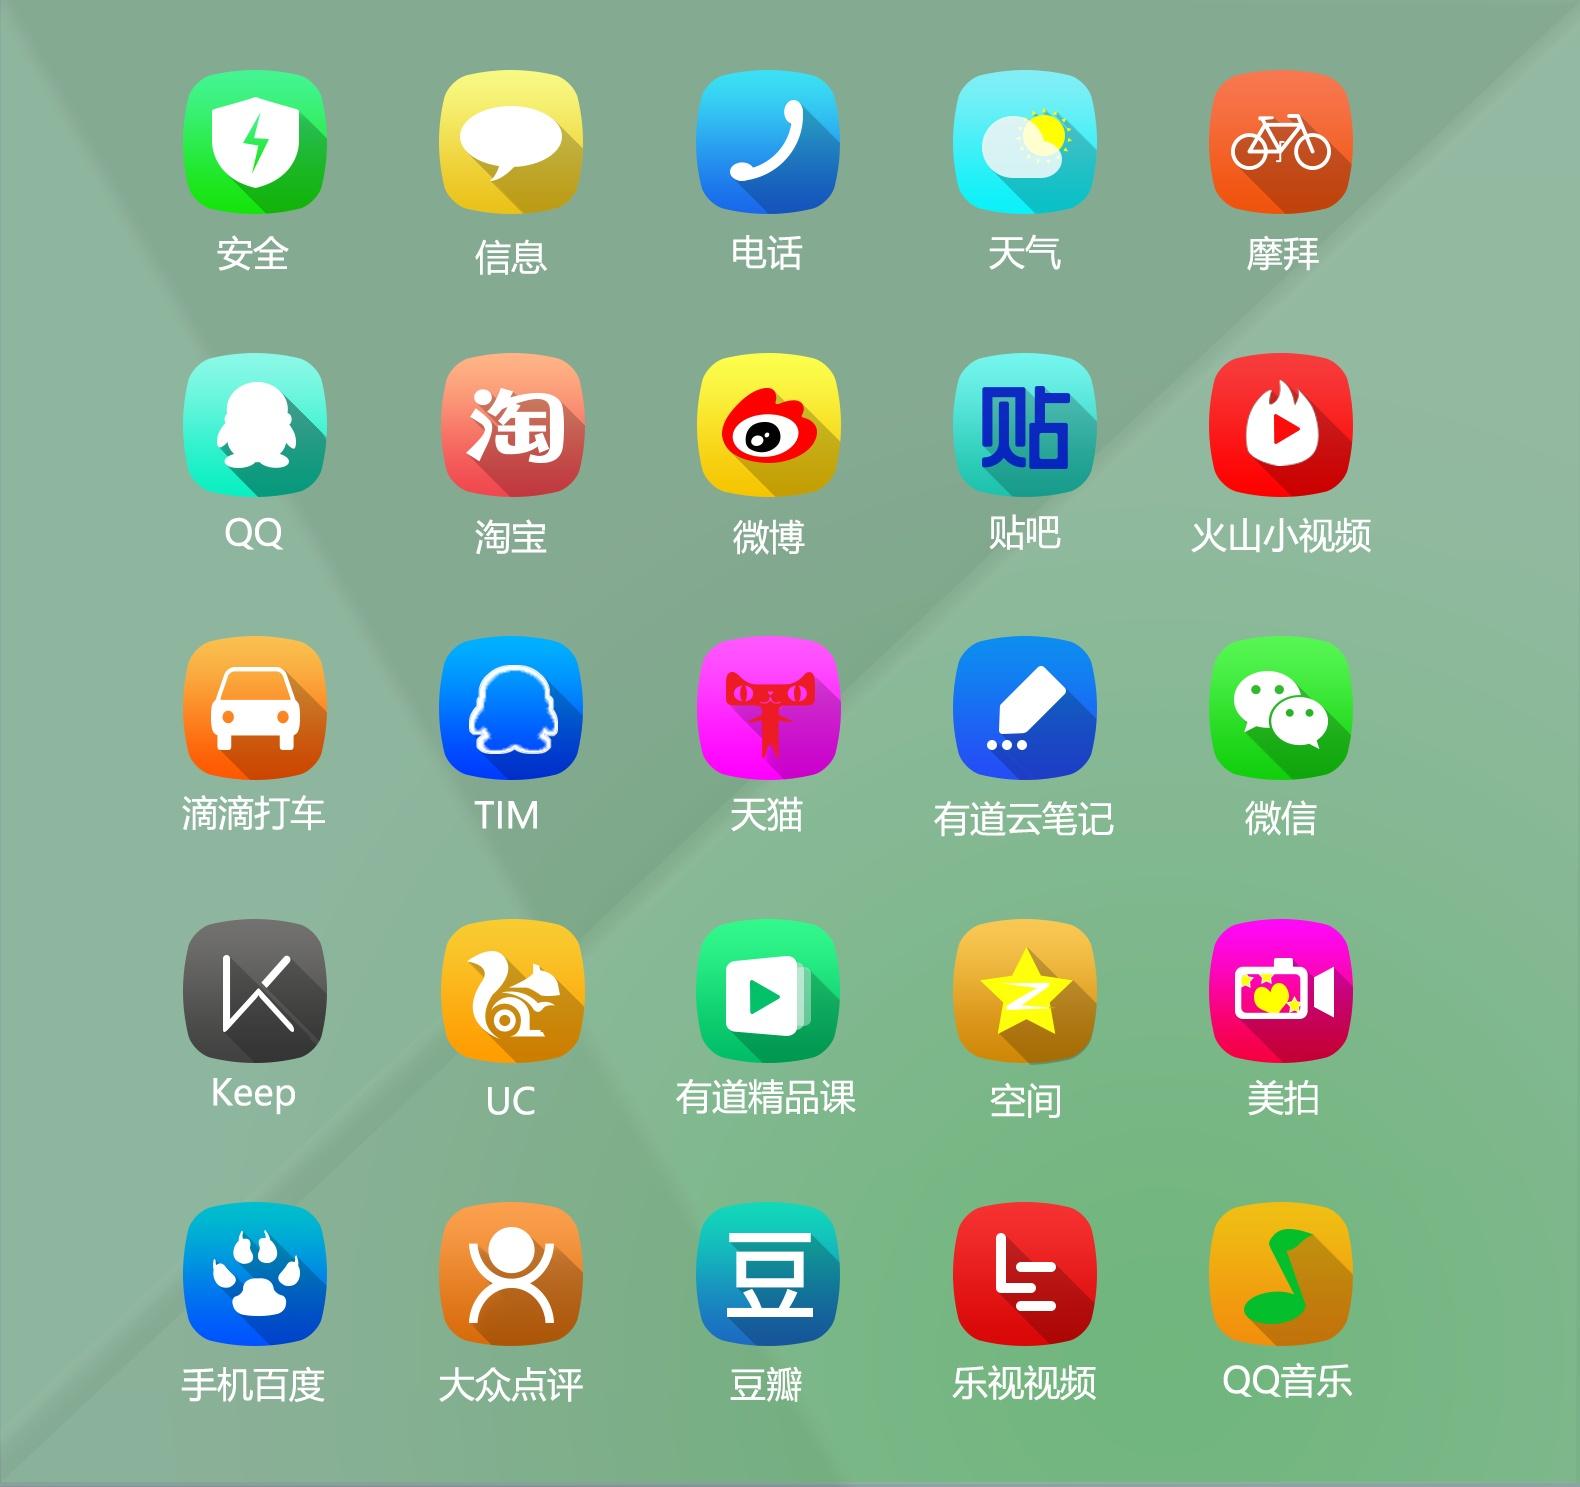 手机桌面图标设计